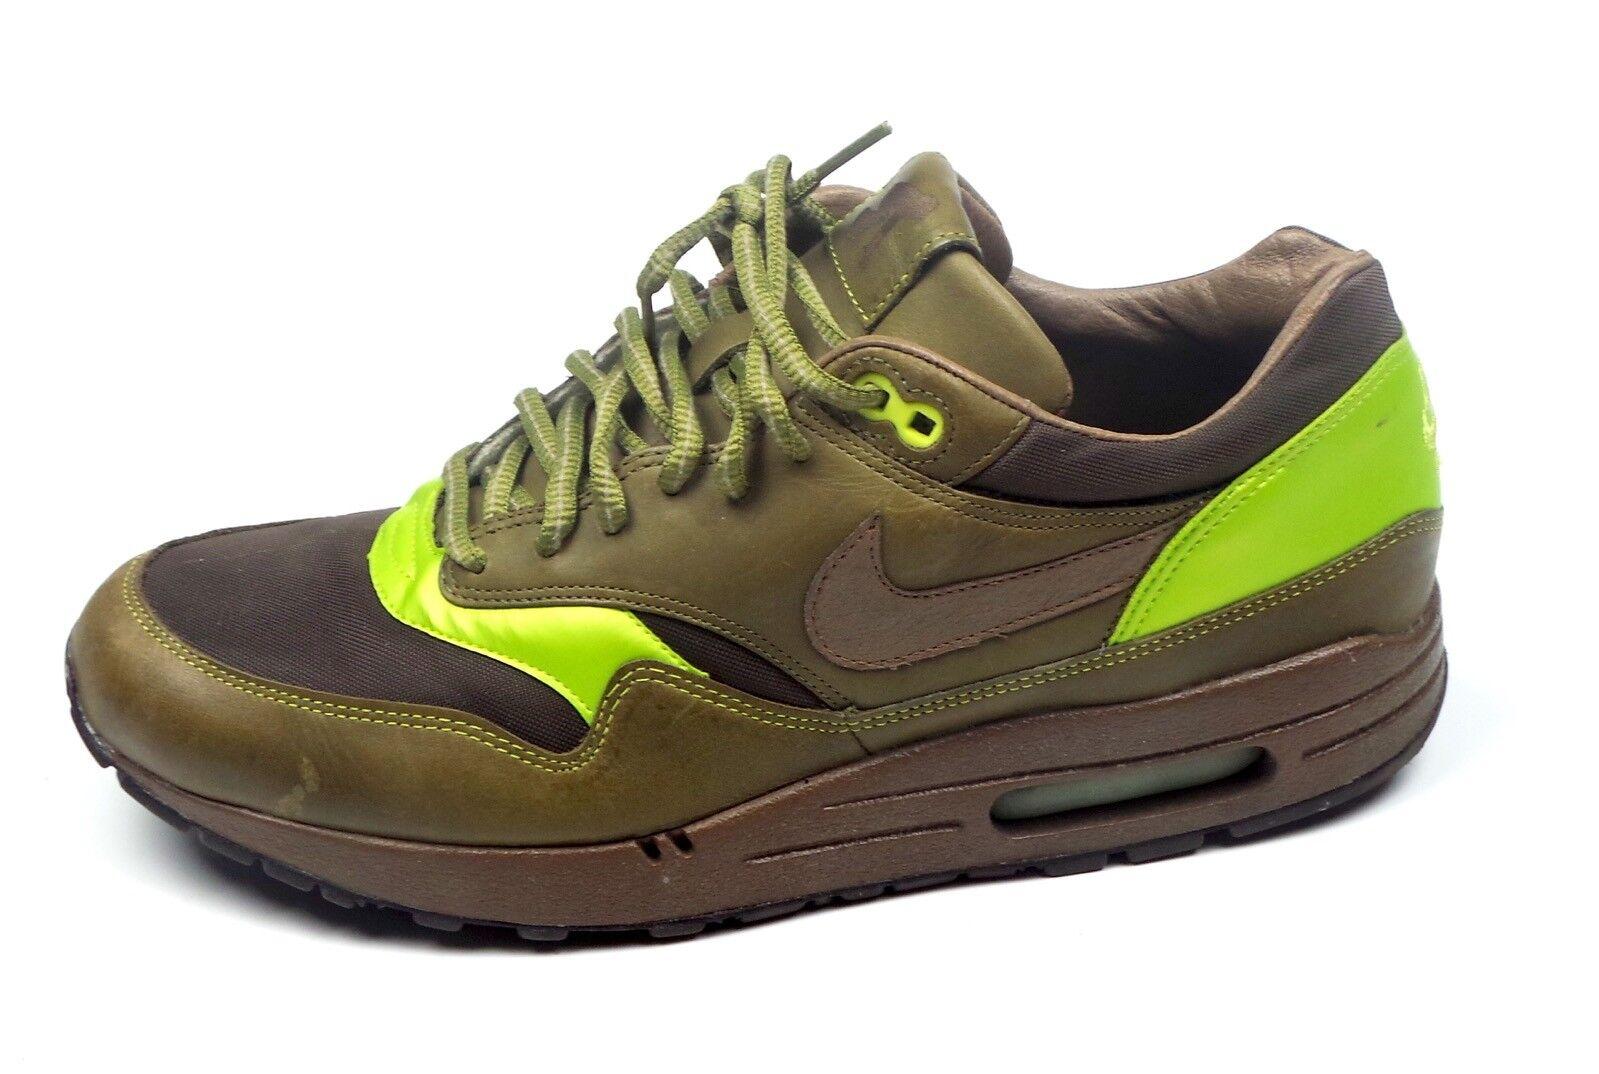 Nike air max 1 - evoluzione pack - dimensioni 9.5 - 309740 321